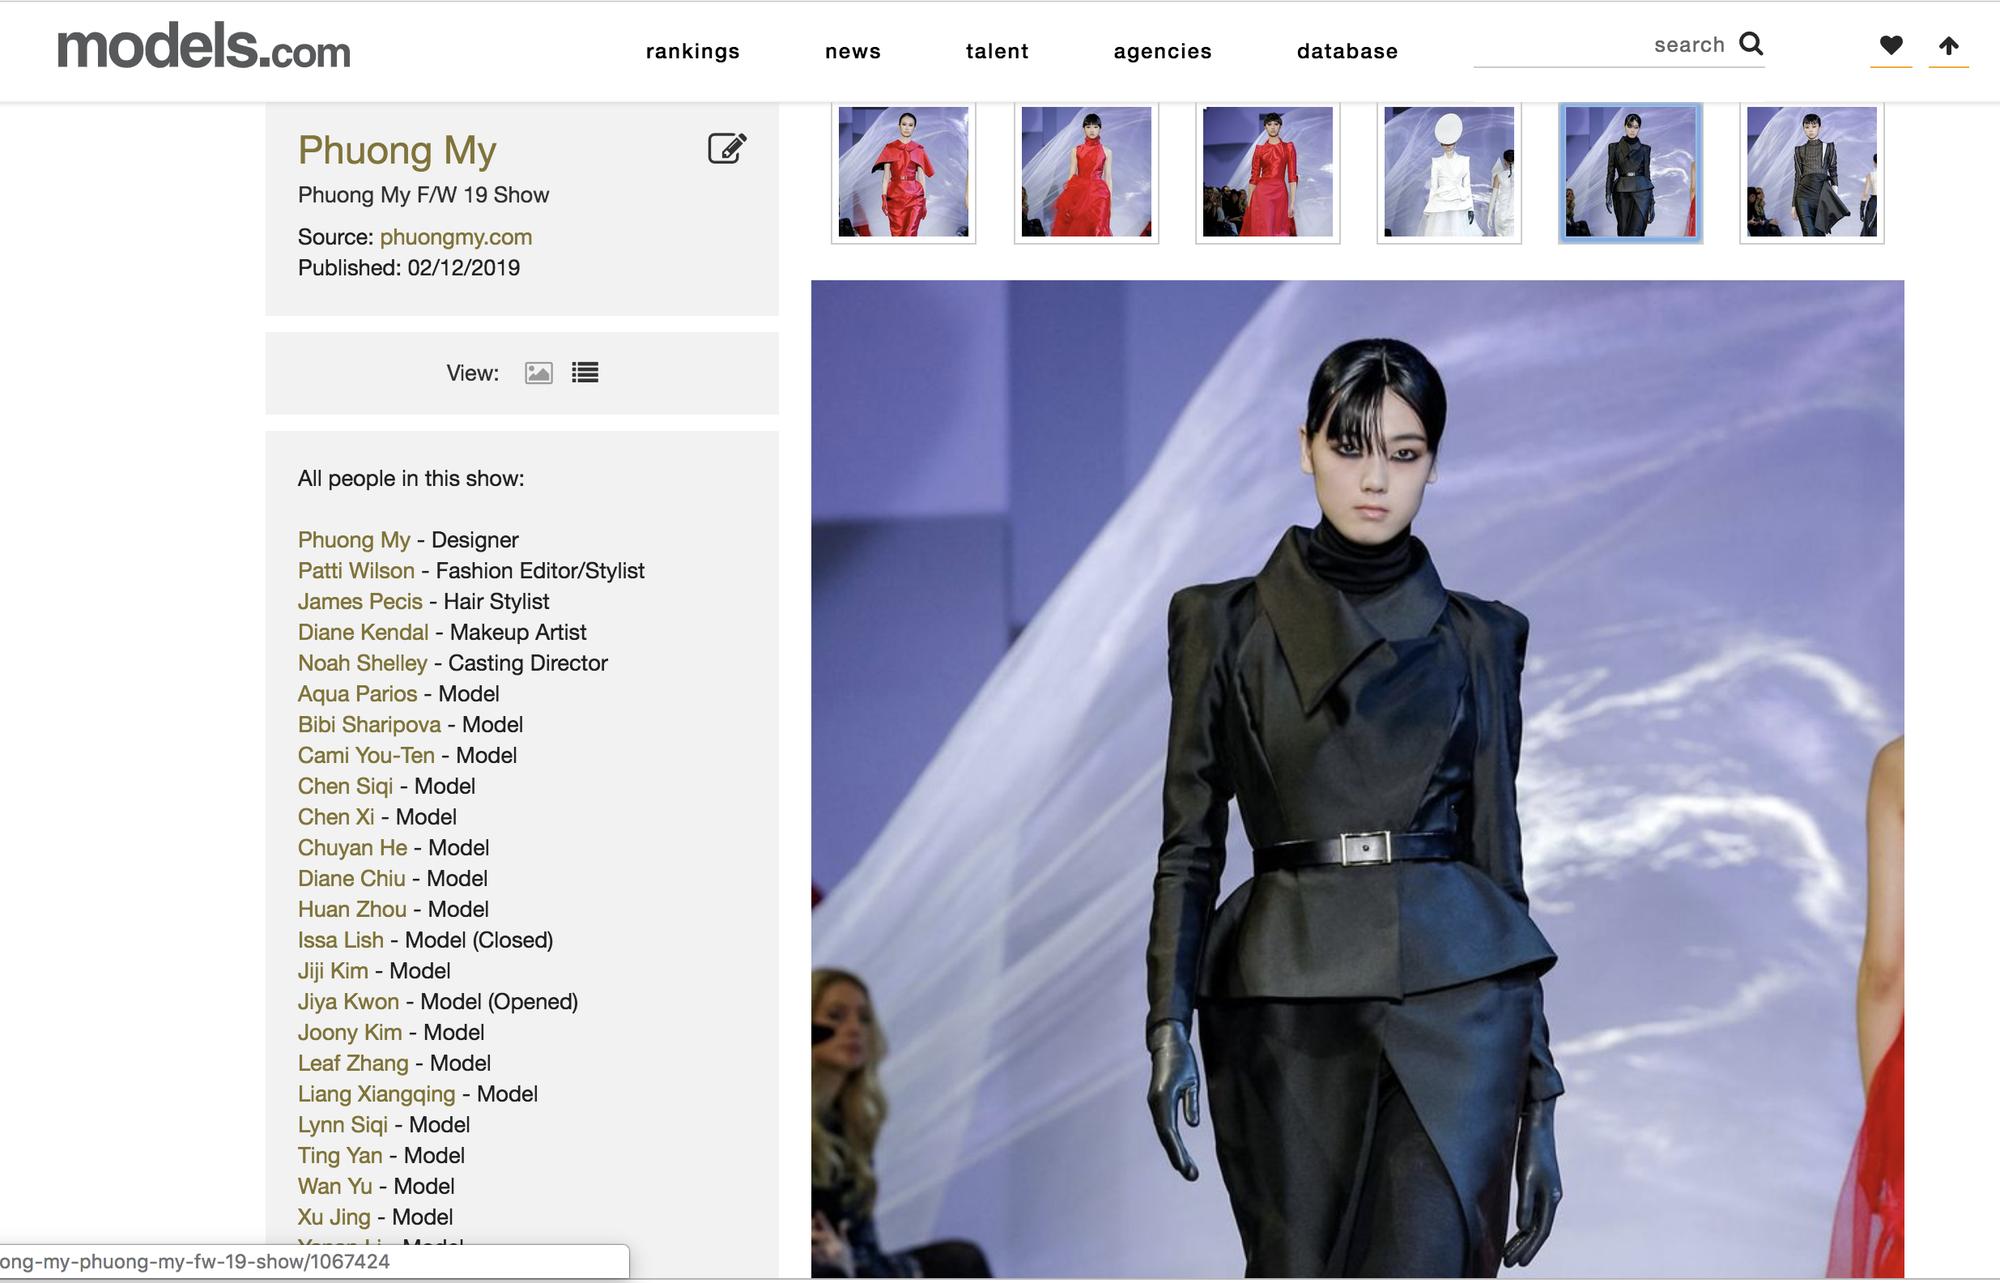 VOGUE Mỹ, VOGUE Tây Ban Nha và hàng loạt tạp chí thời trang thế giới đồng loạt đưa tin về show diễn PHUONG MY tại NYFW - Ảnh 5.